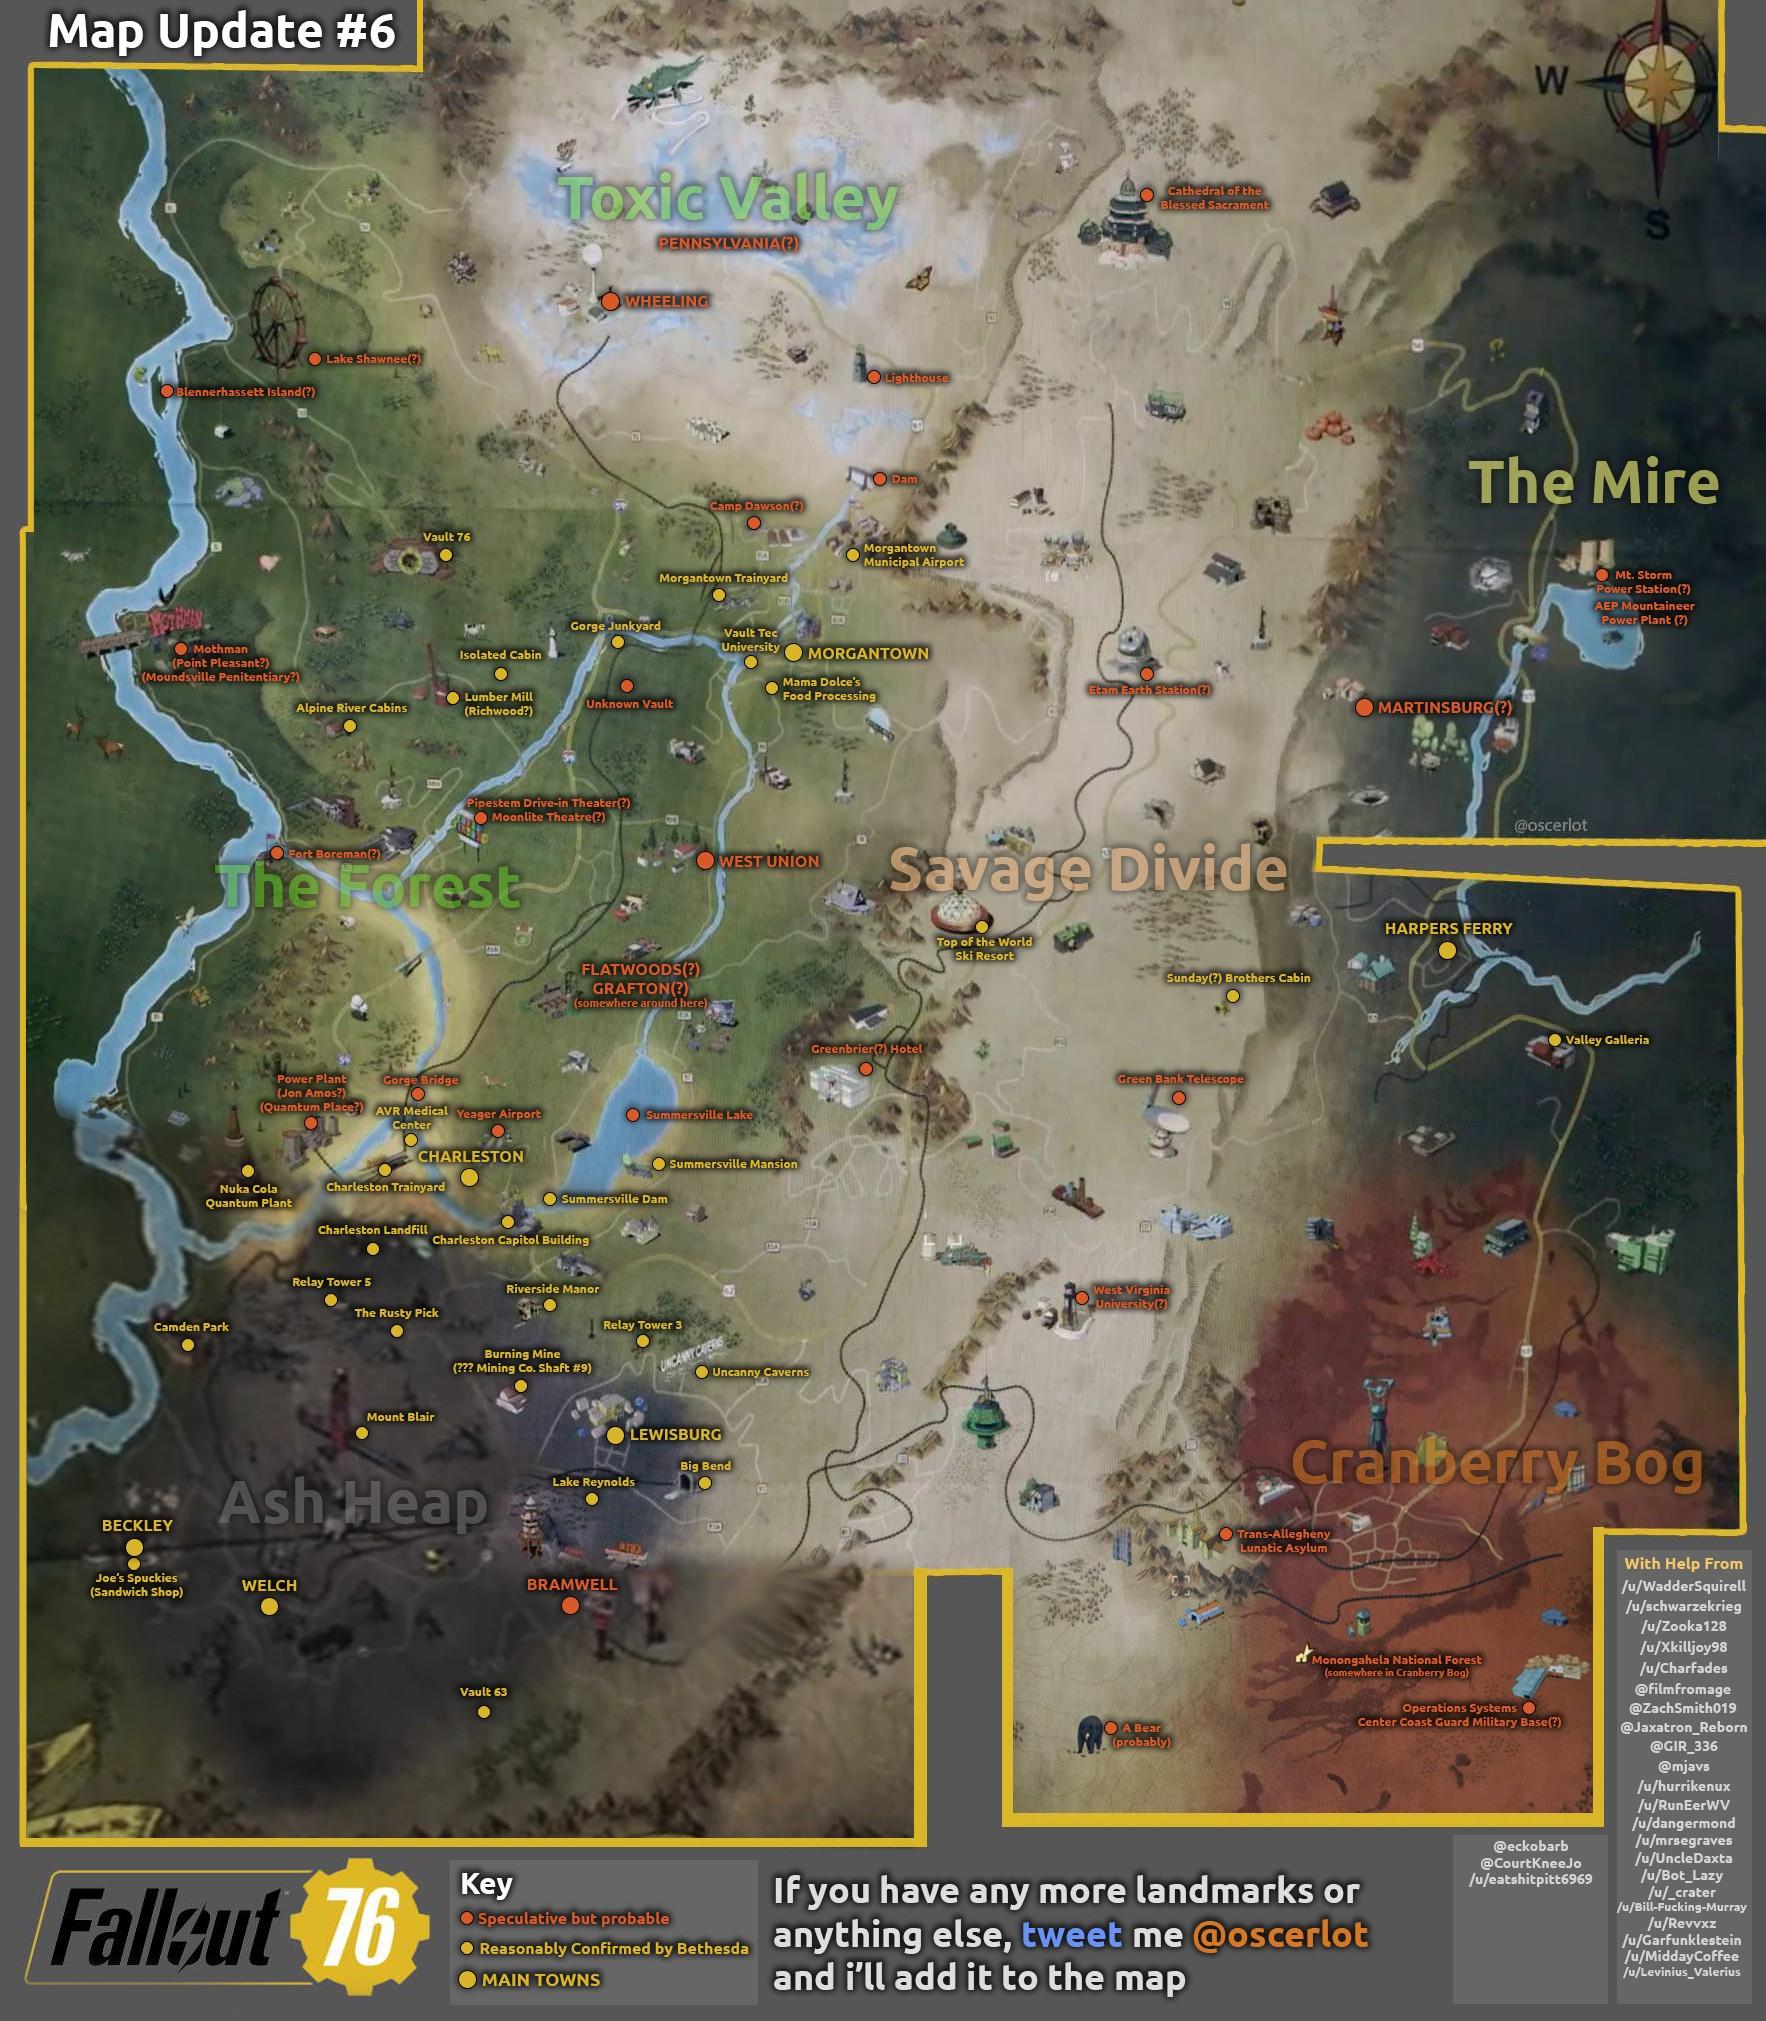 Фанаты практически полностью собрали карту Fallout76